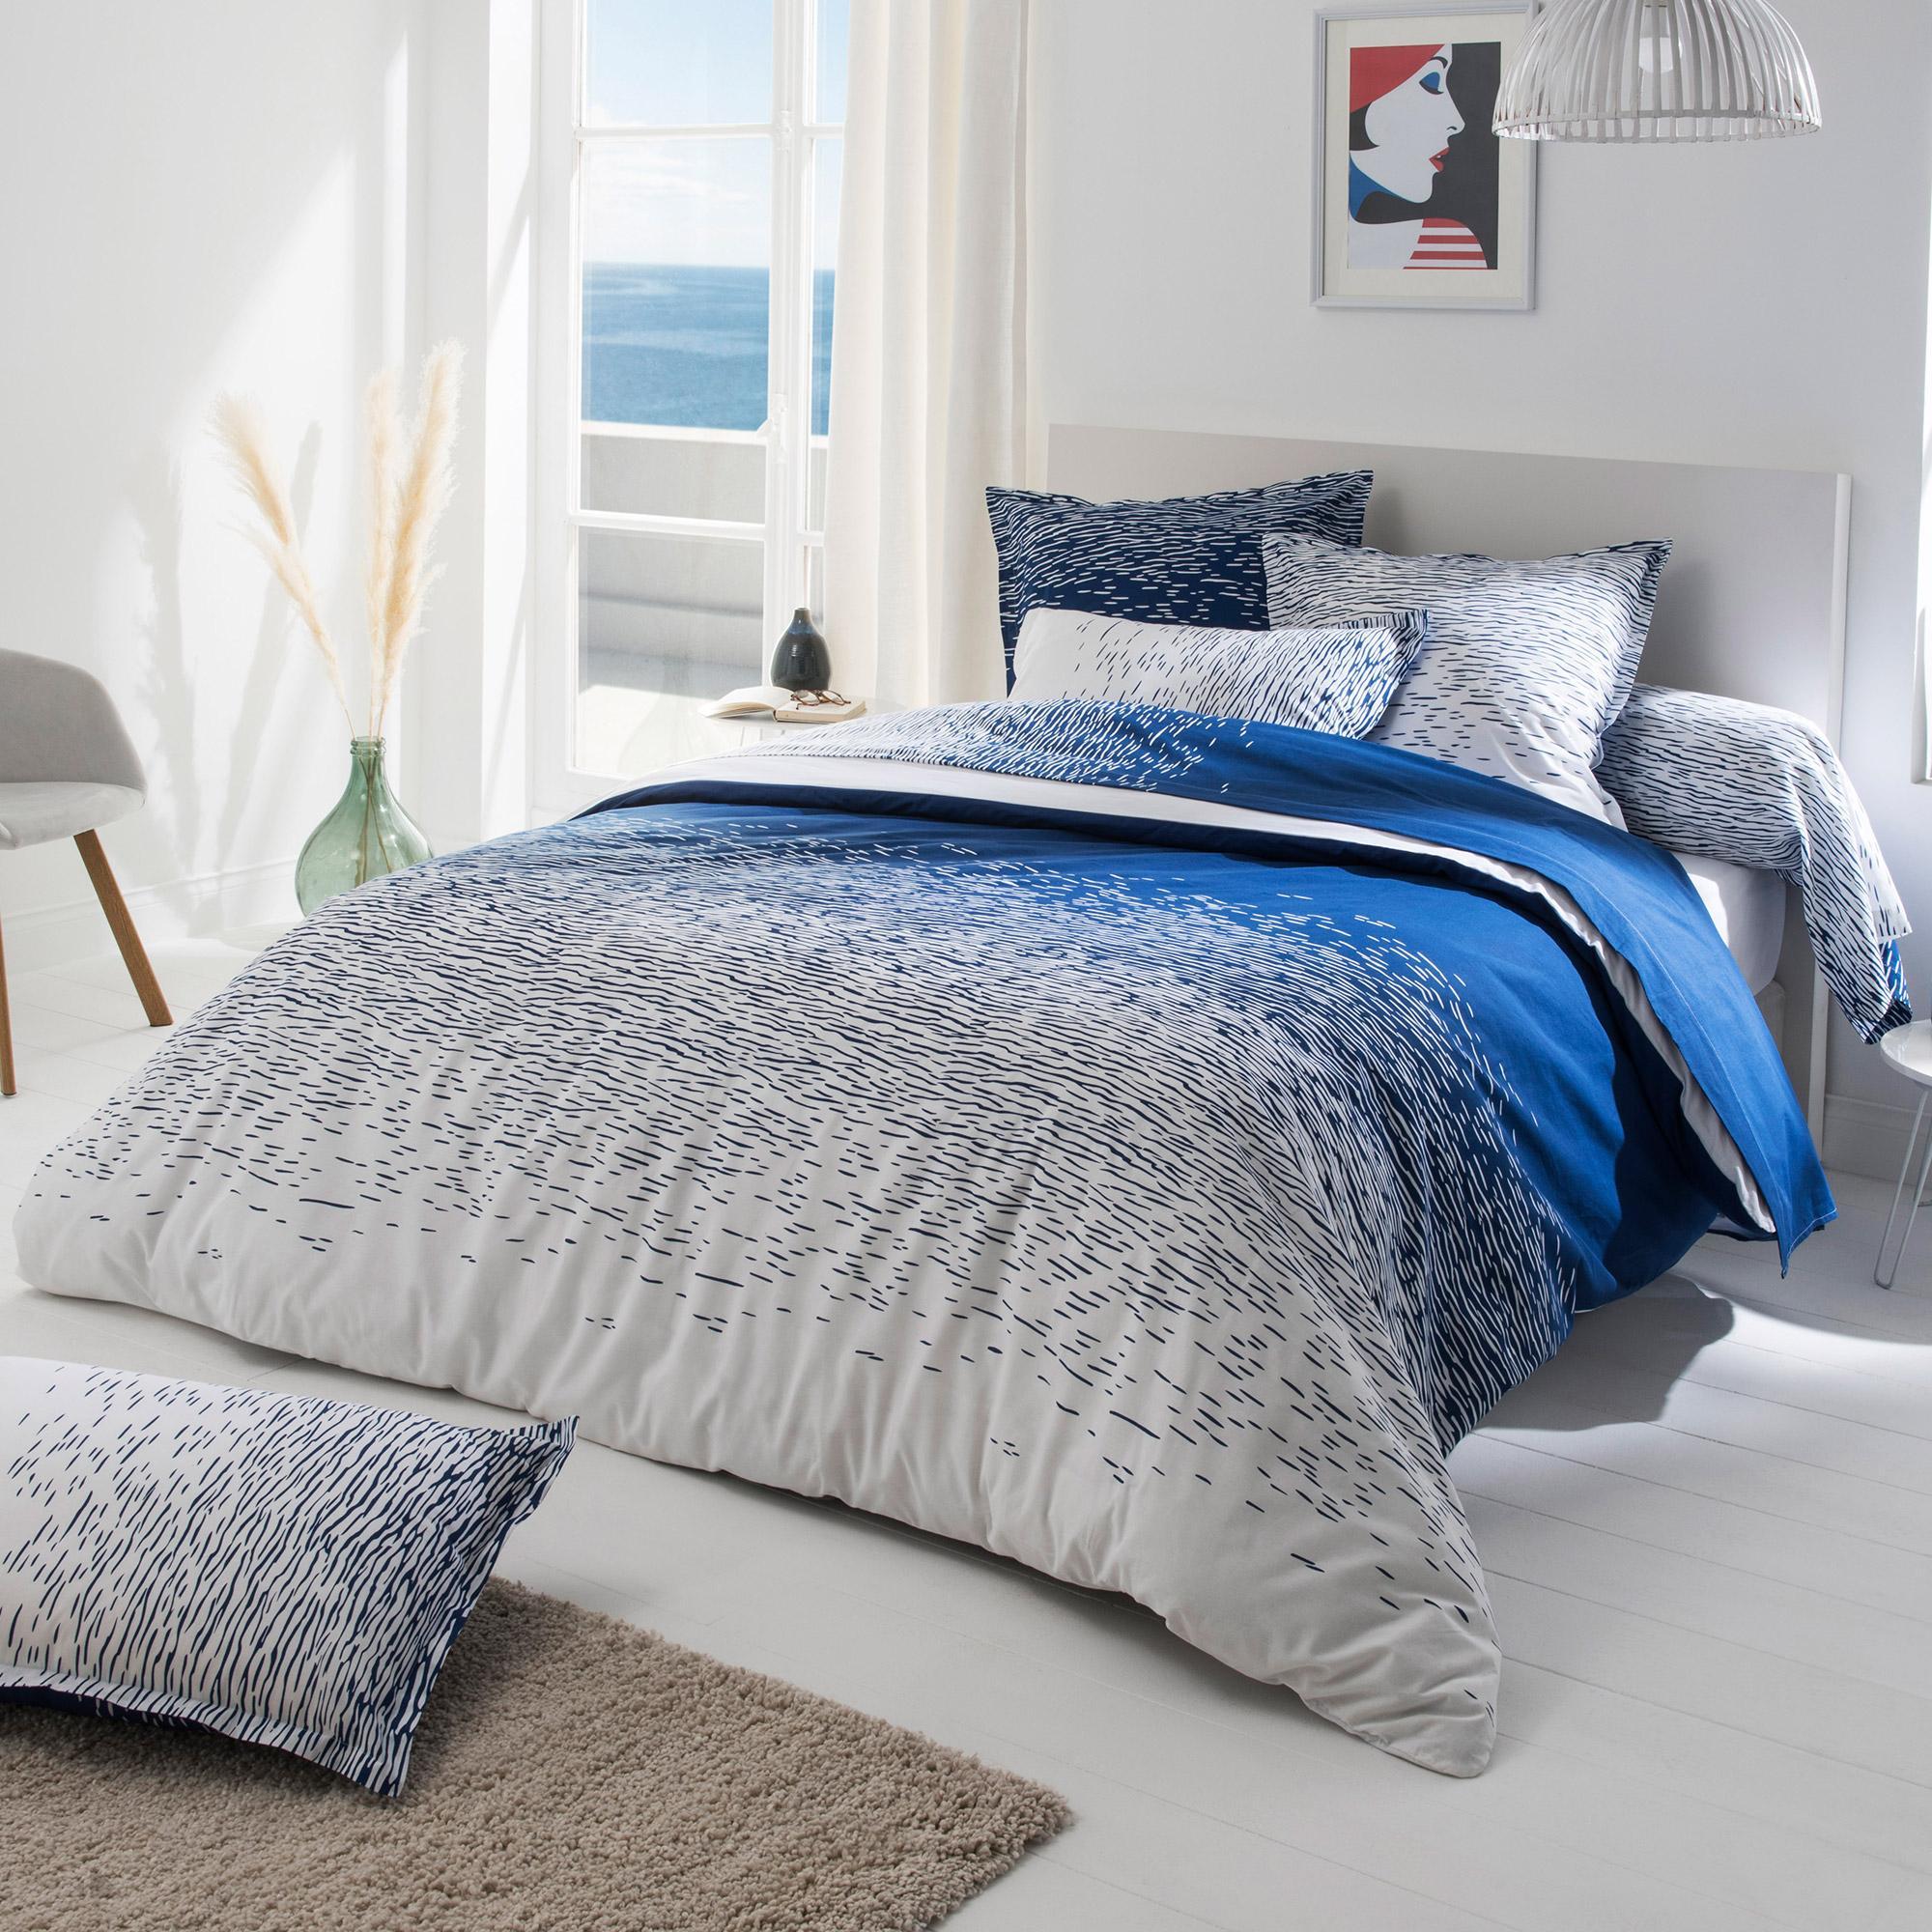 Linnea Housse de couette 140x200 cm 100% coton REFLET OUTREMER bleu nautique